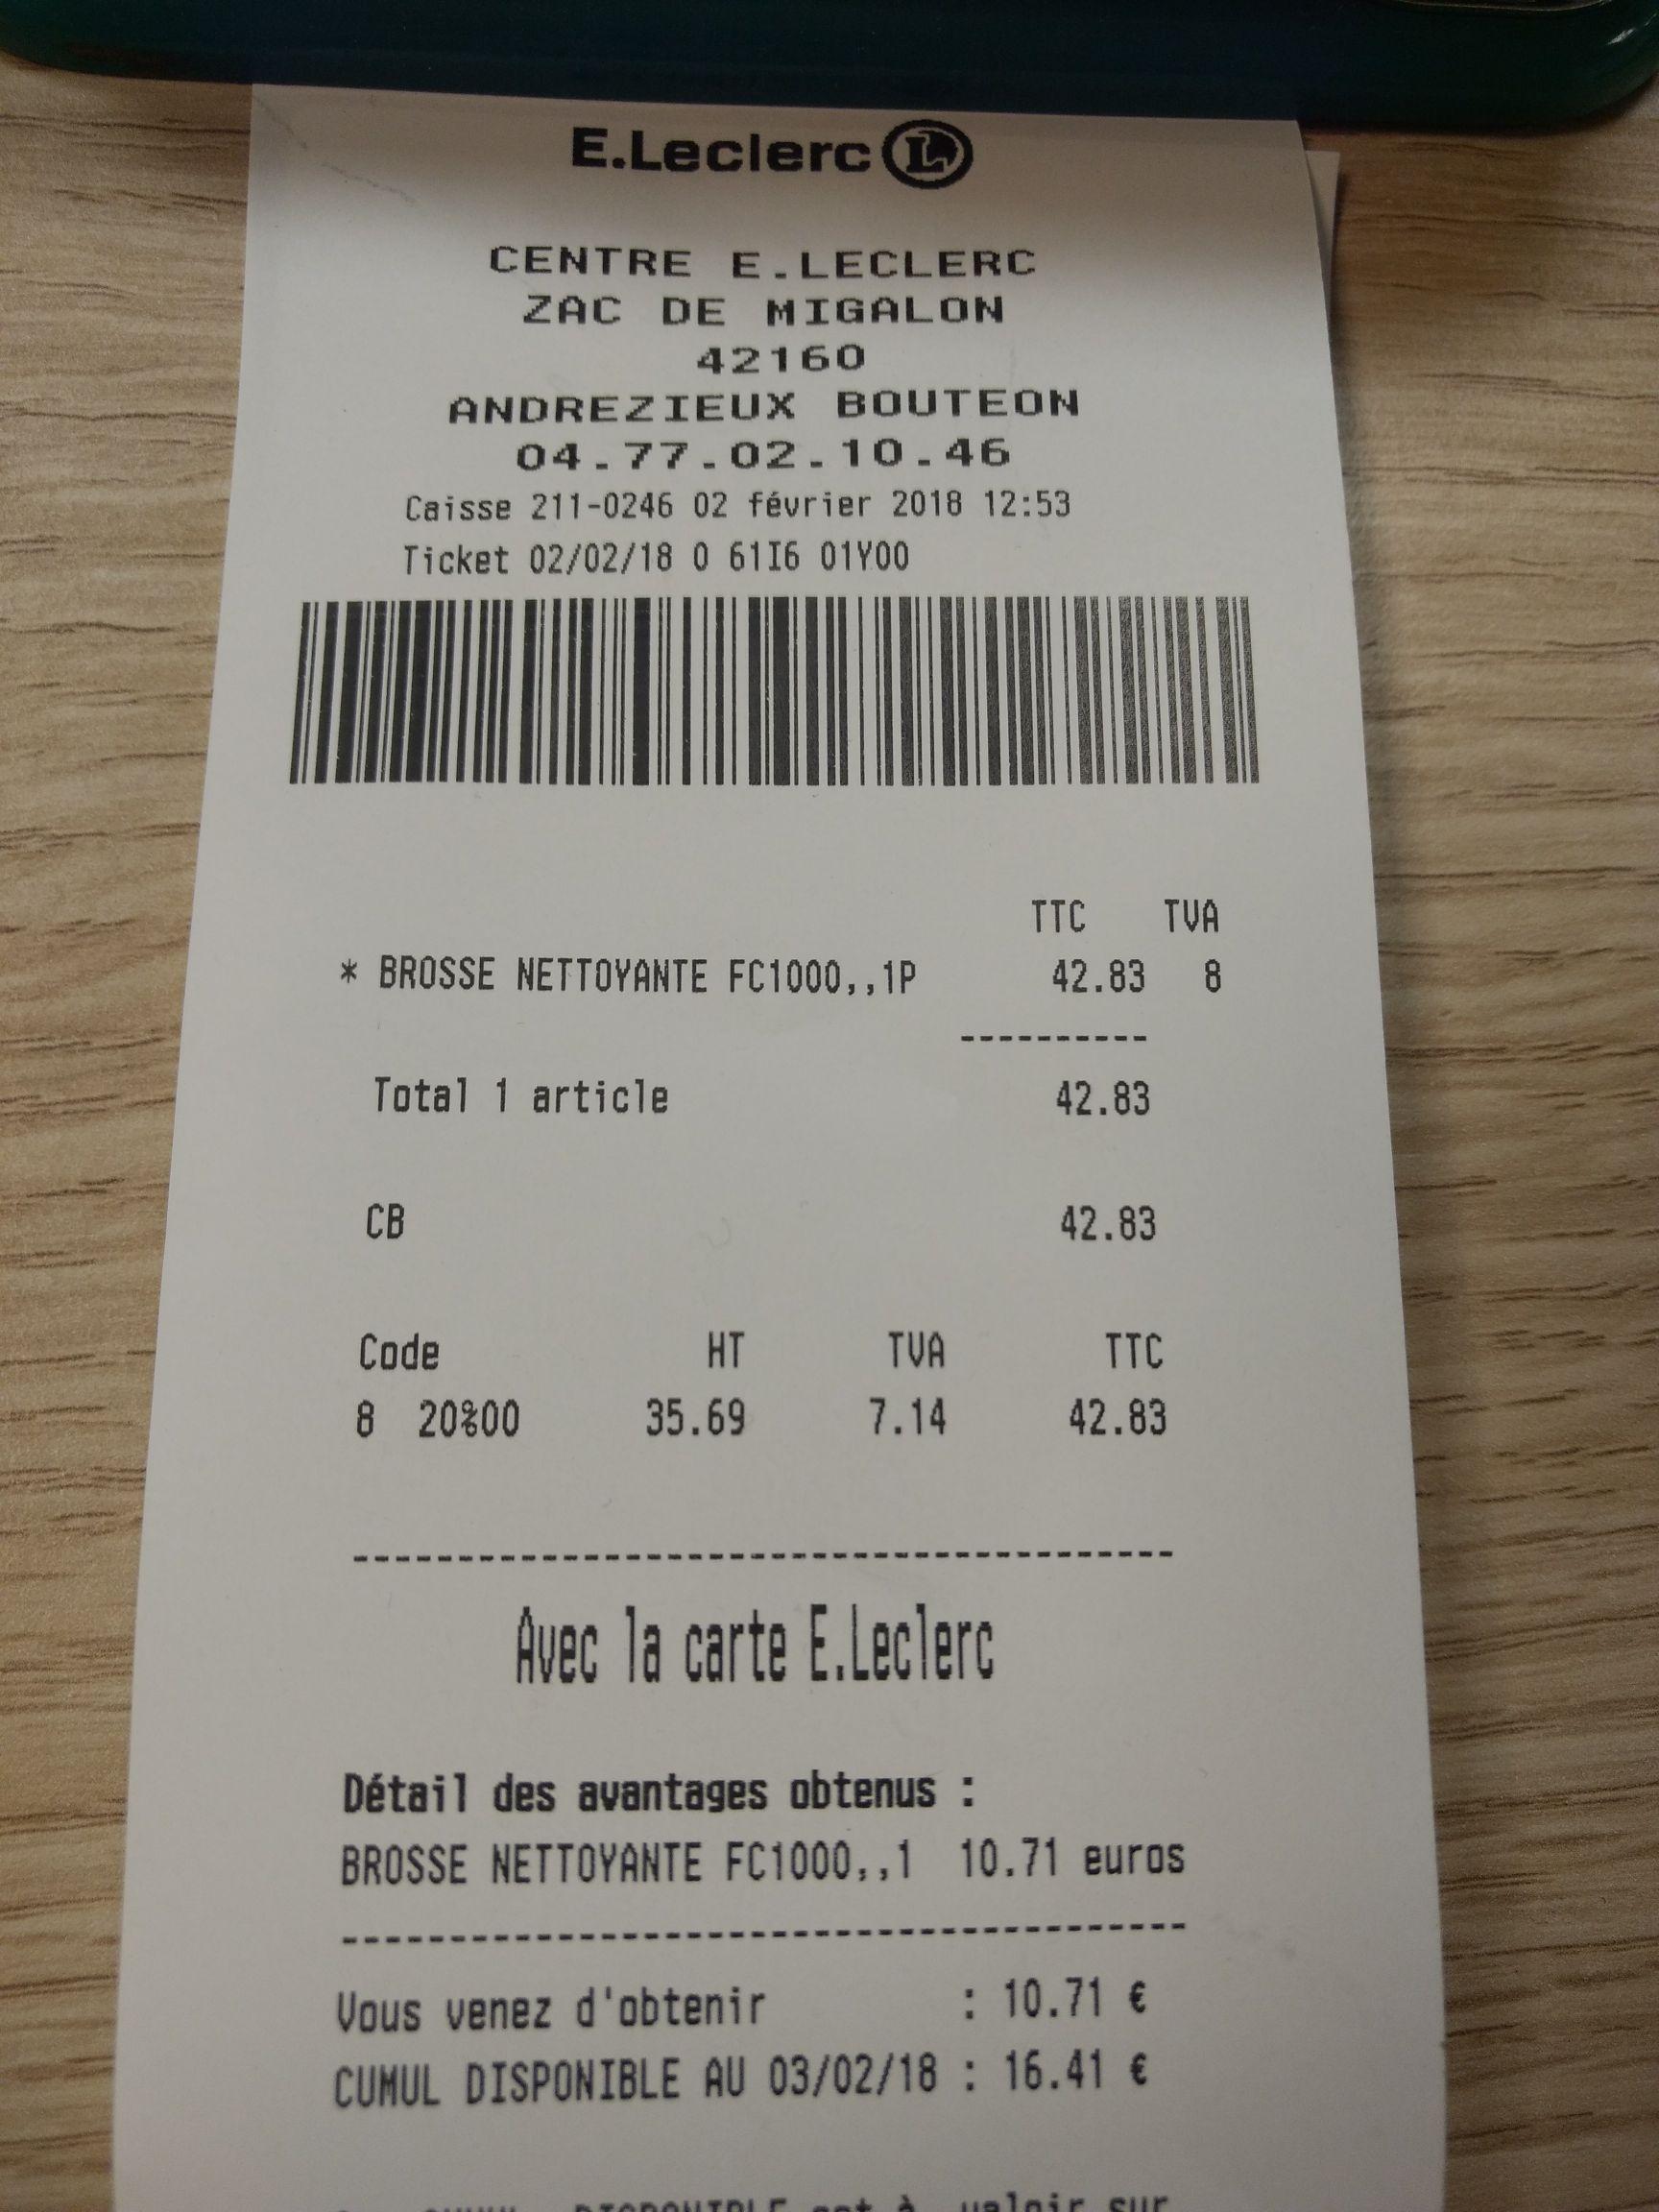 Brosse nettoyante visage Remington FC1000 Reveal (via 10.71€ sur la carte de fidélité) au E.Leclerc Andrézieux-Bouthéon (42)